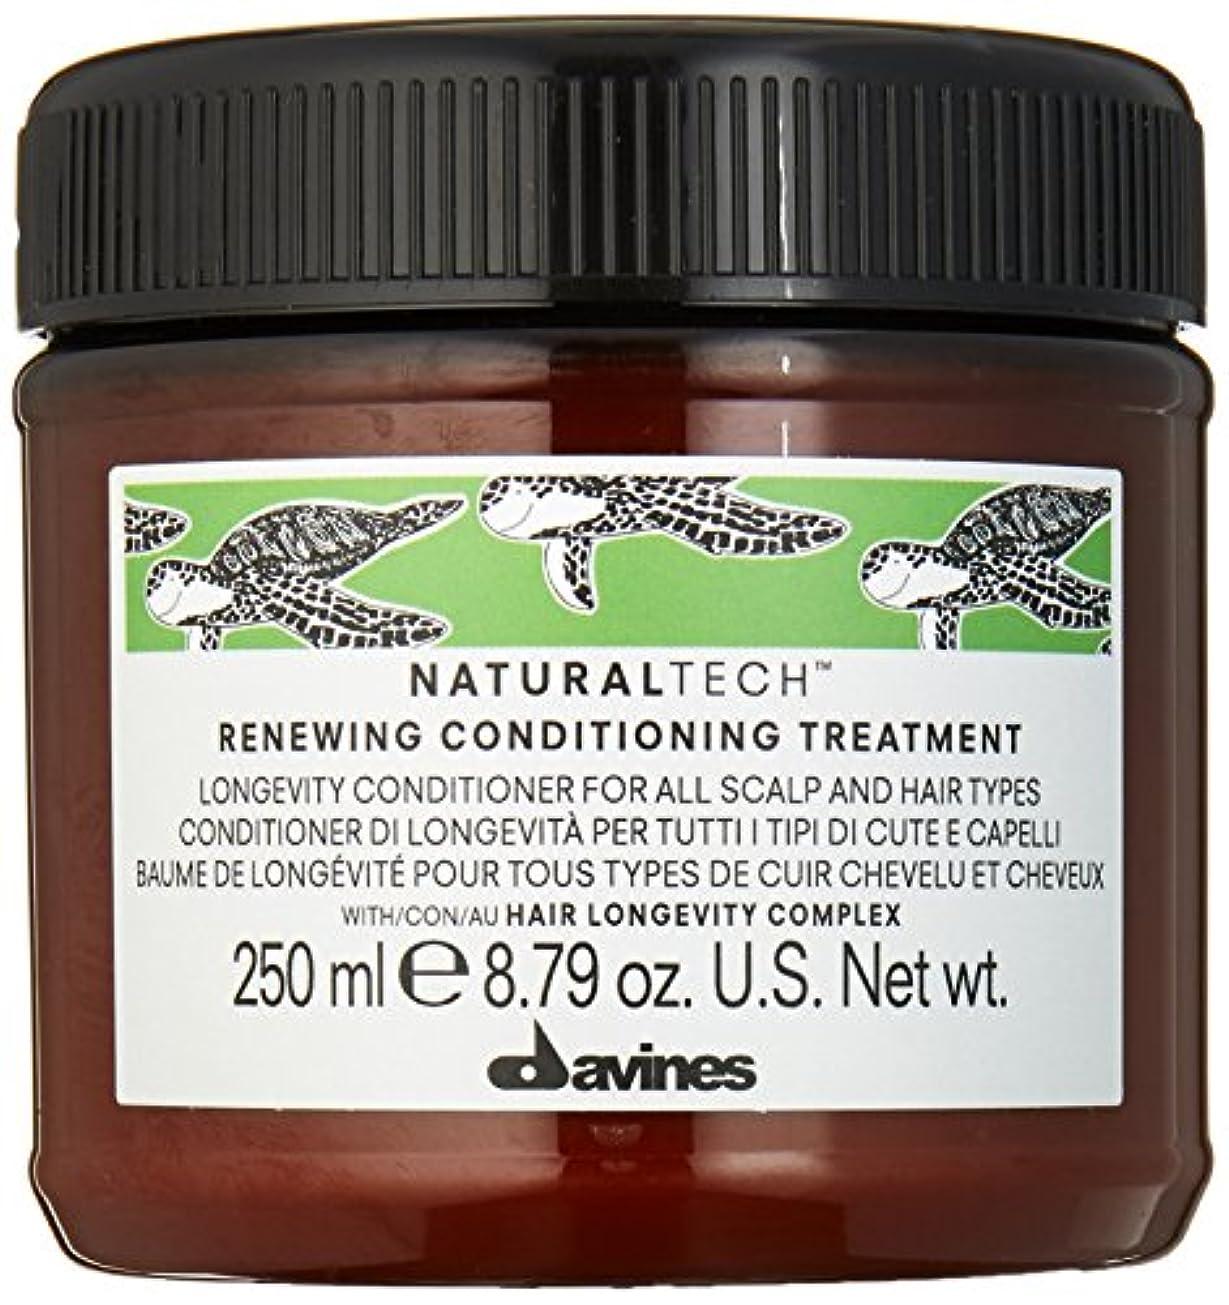 分配します砂の一般的に言えばダヴィネス Natural Tech Renewing Conditioning Treatment (For All Scalp and Hair Types) 250ml/8.79oz並行輸入品